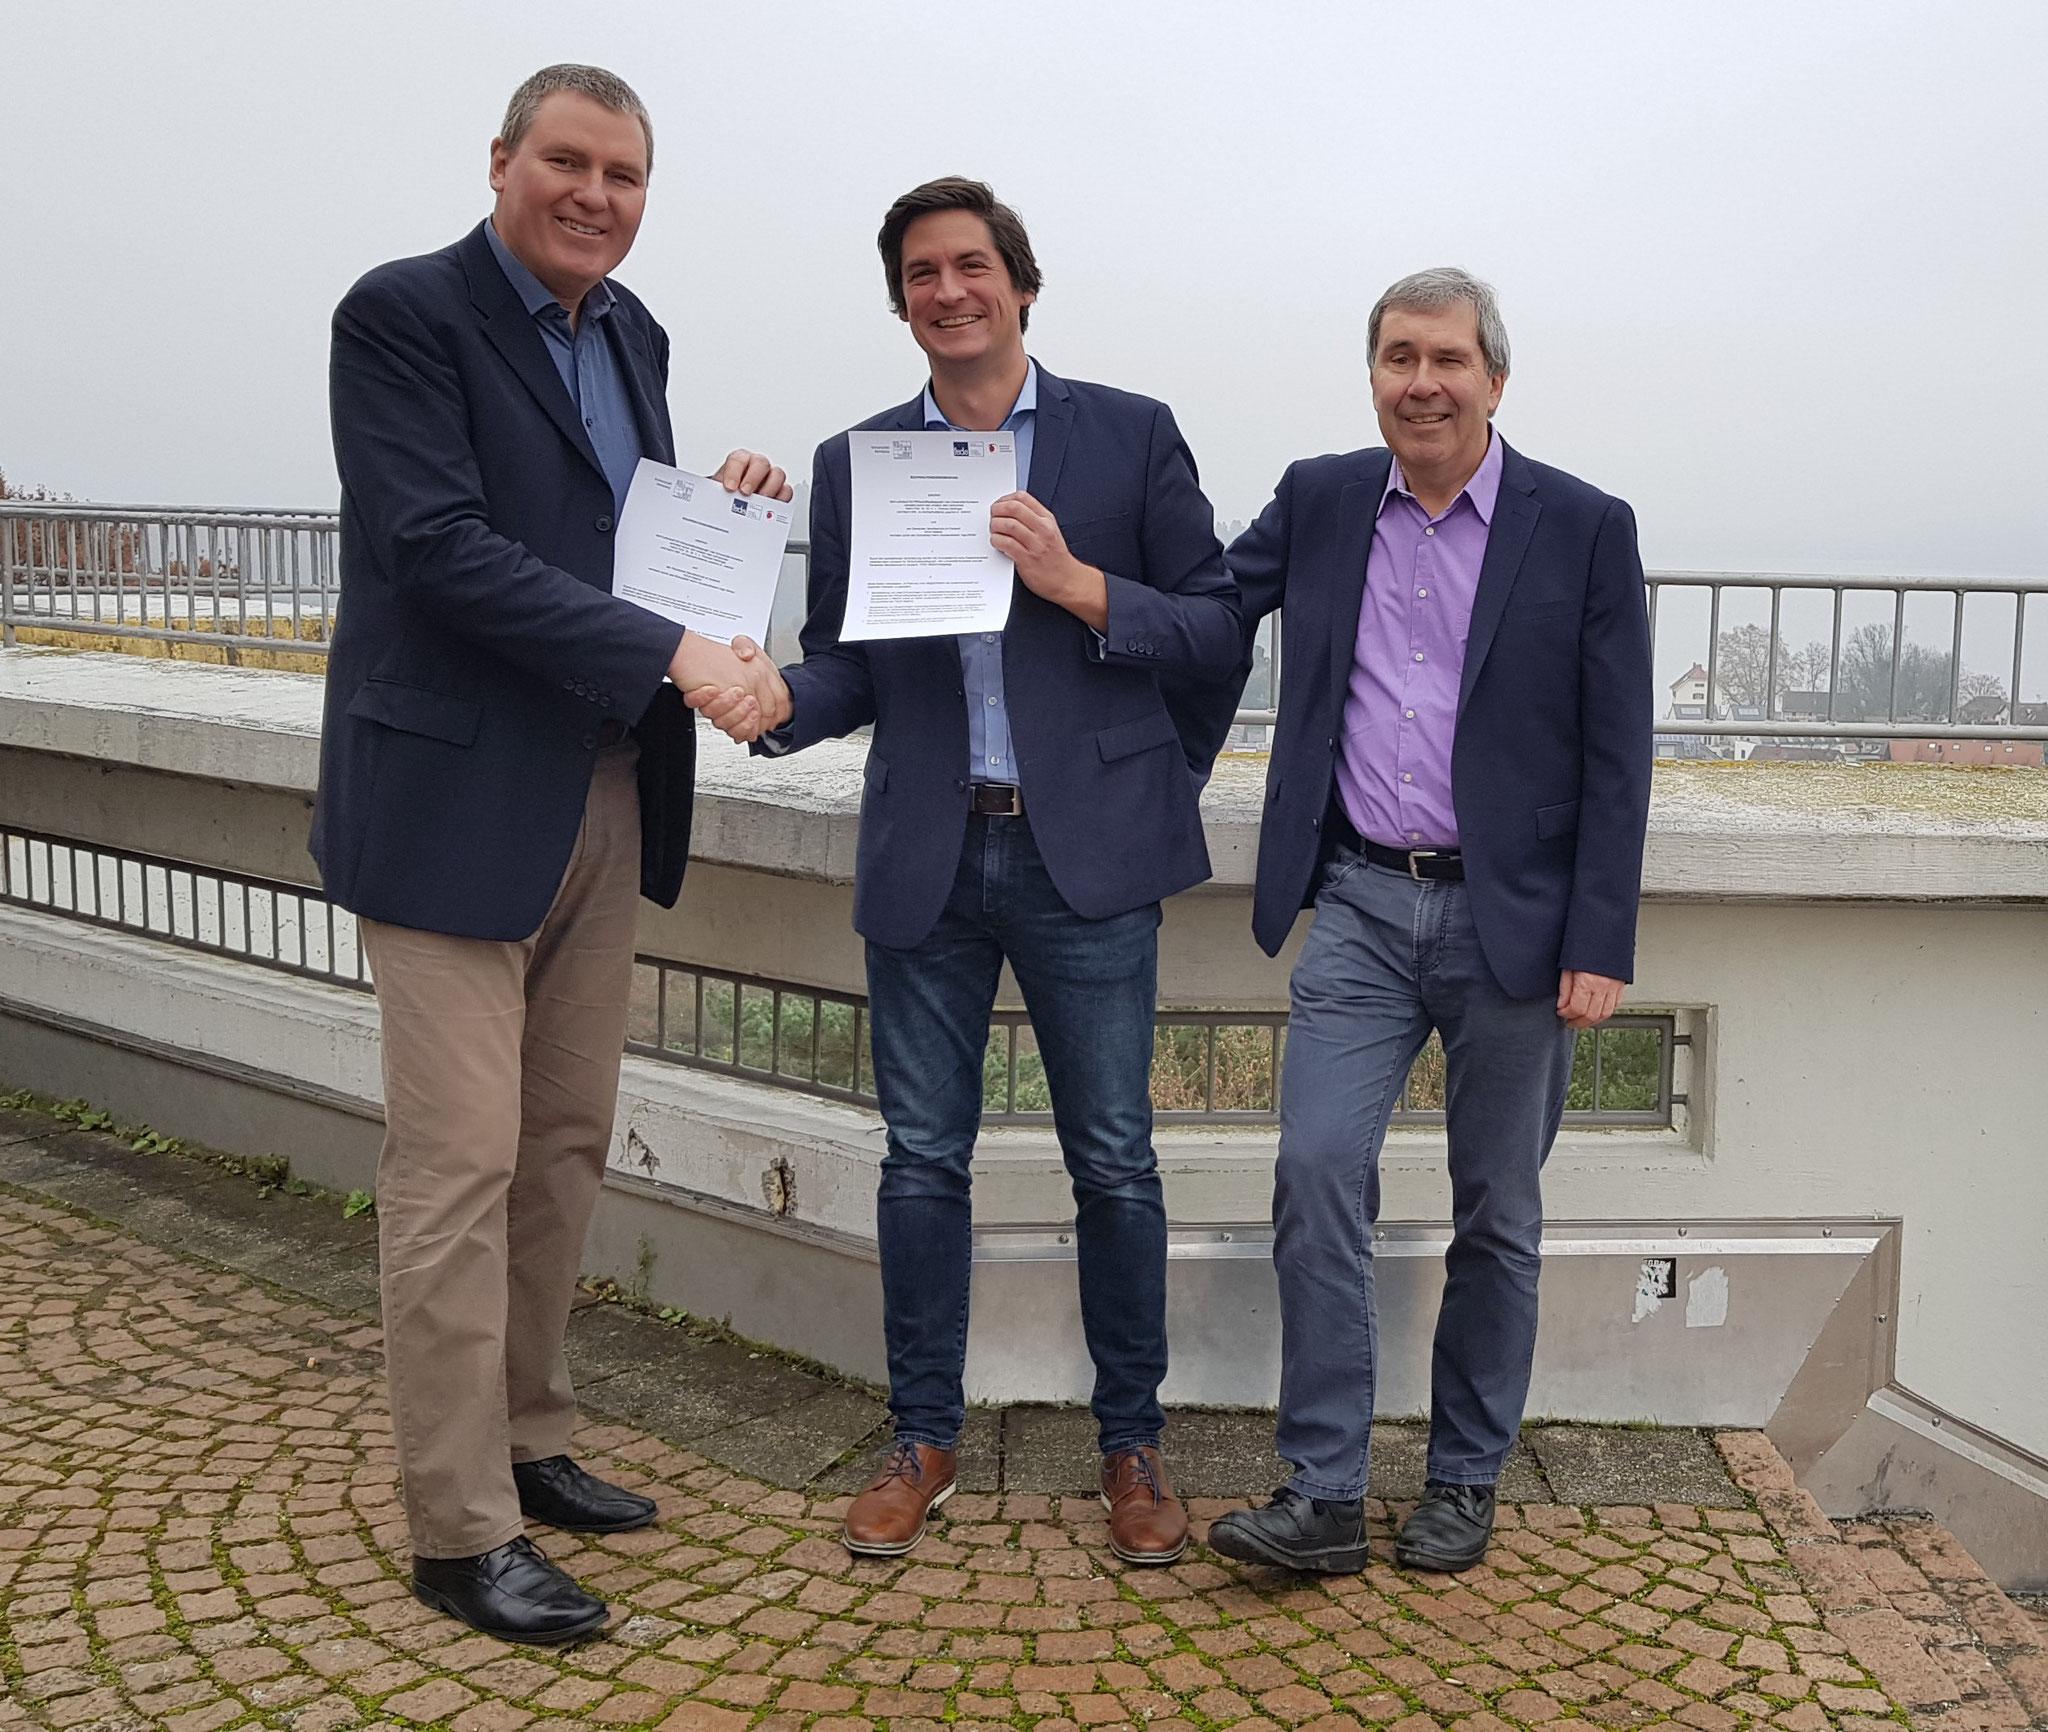 Catedrático de Educación Empresarial Prof. Dr. Dr. h.c. Thomas Deißinger y Joachim Dietrich, así como el director de FEDA Madrid, Ingo Winter.